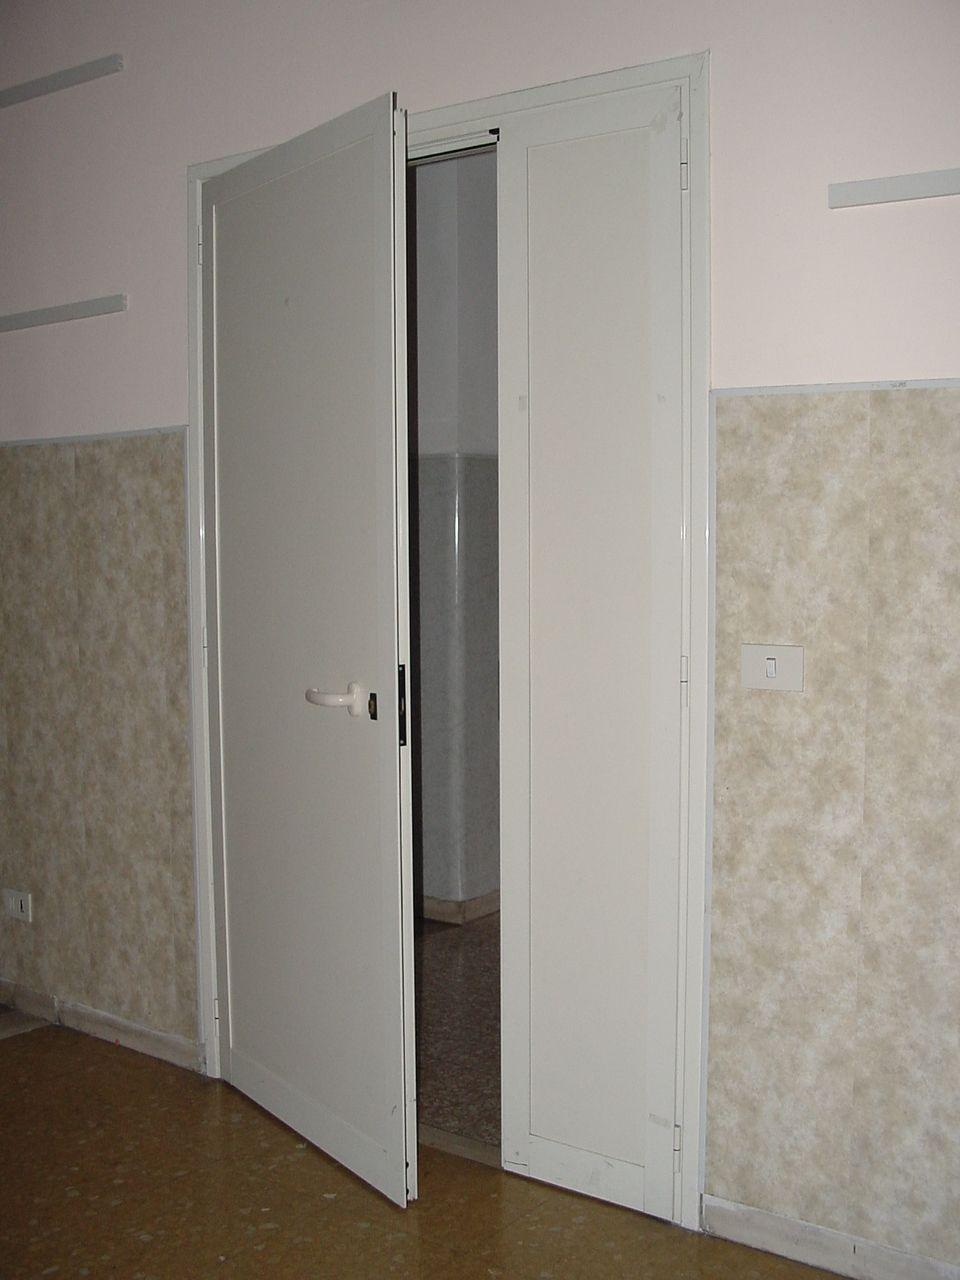 porte interne in alluminio per scuole e ospedali porte interne